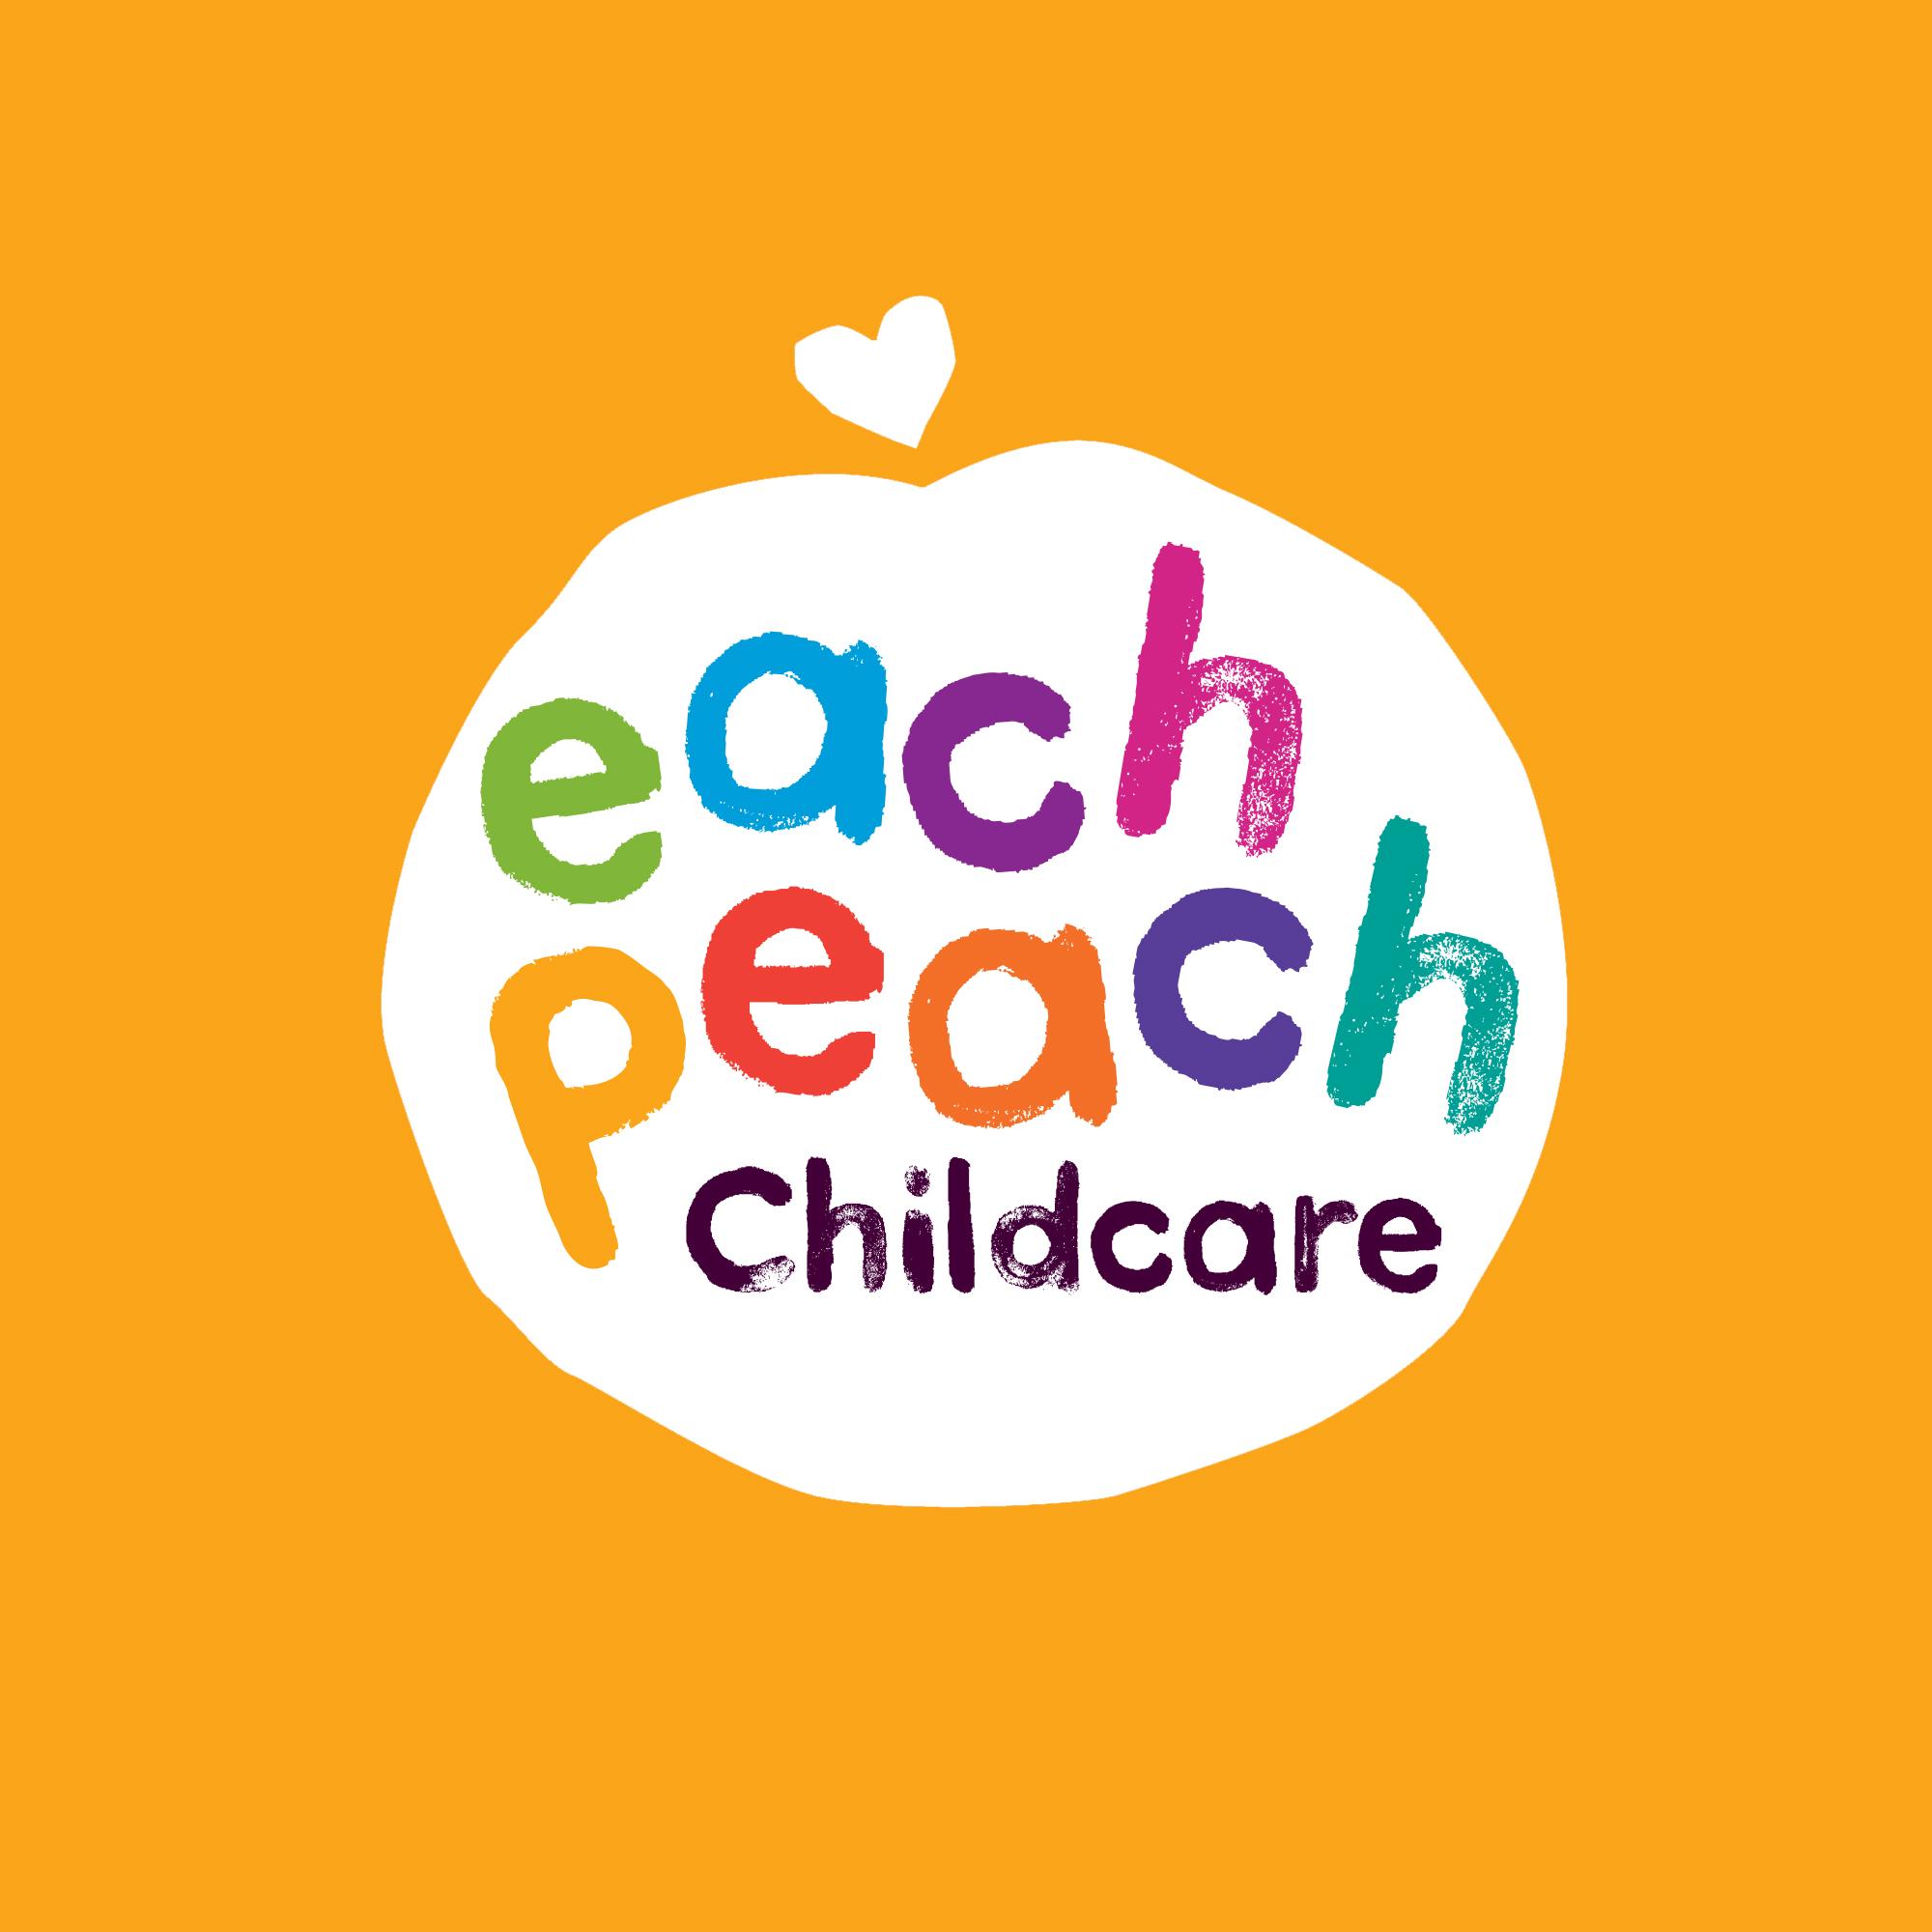 Logo design for Each Peach